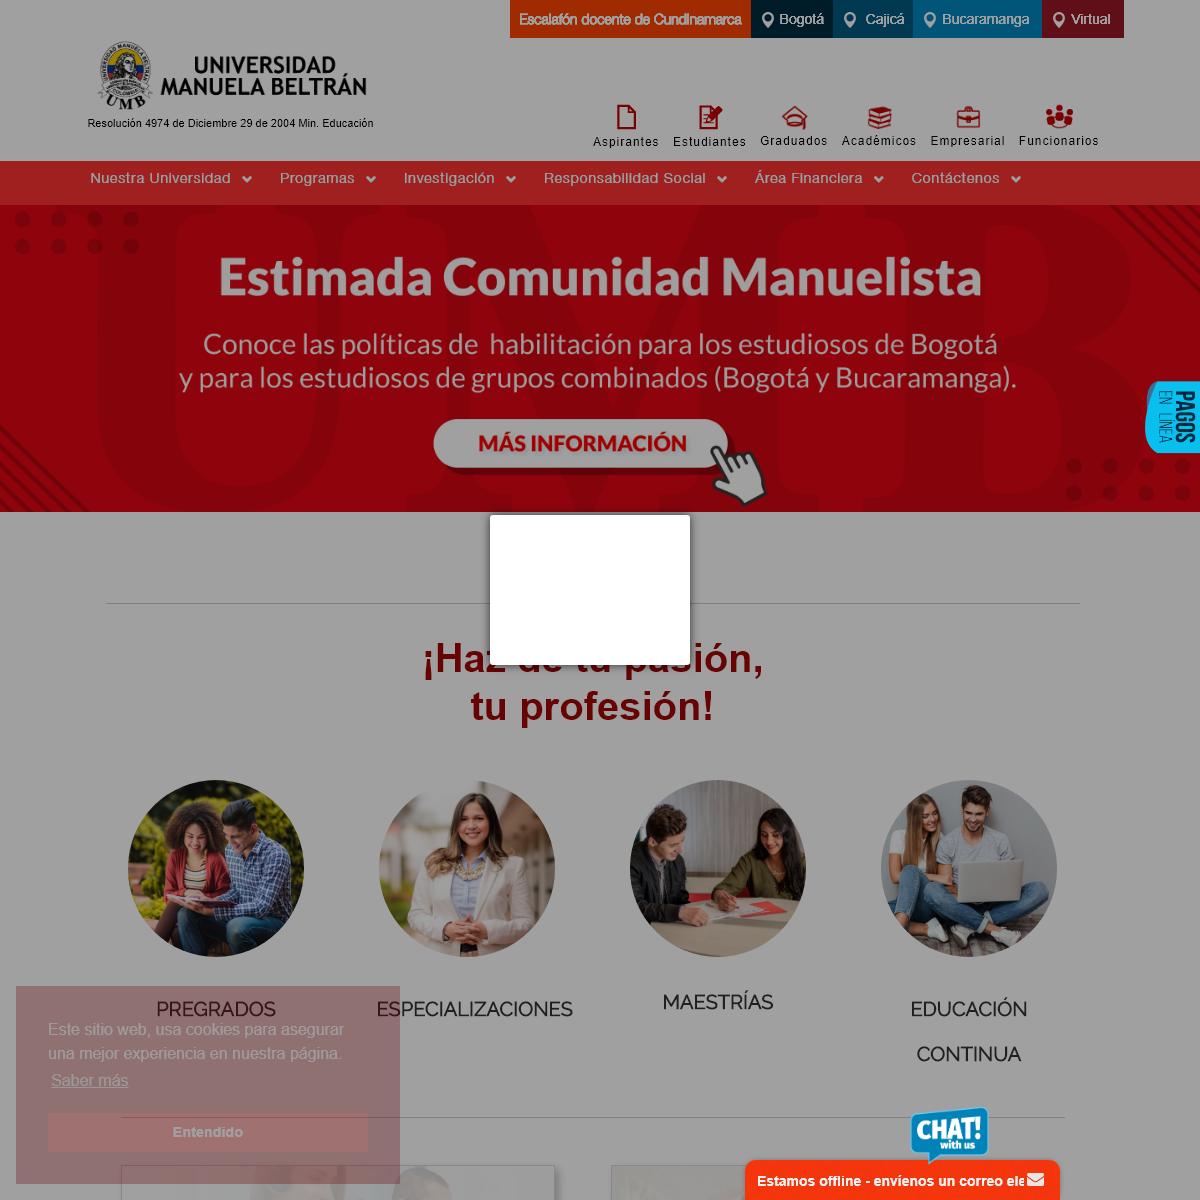 Carreras profesionales en Bogotá - Pregrados - Posgrados - Universidad Manuela Beltrán